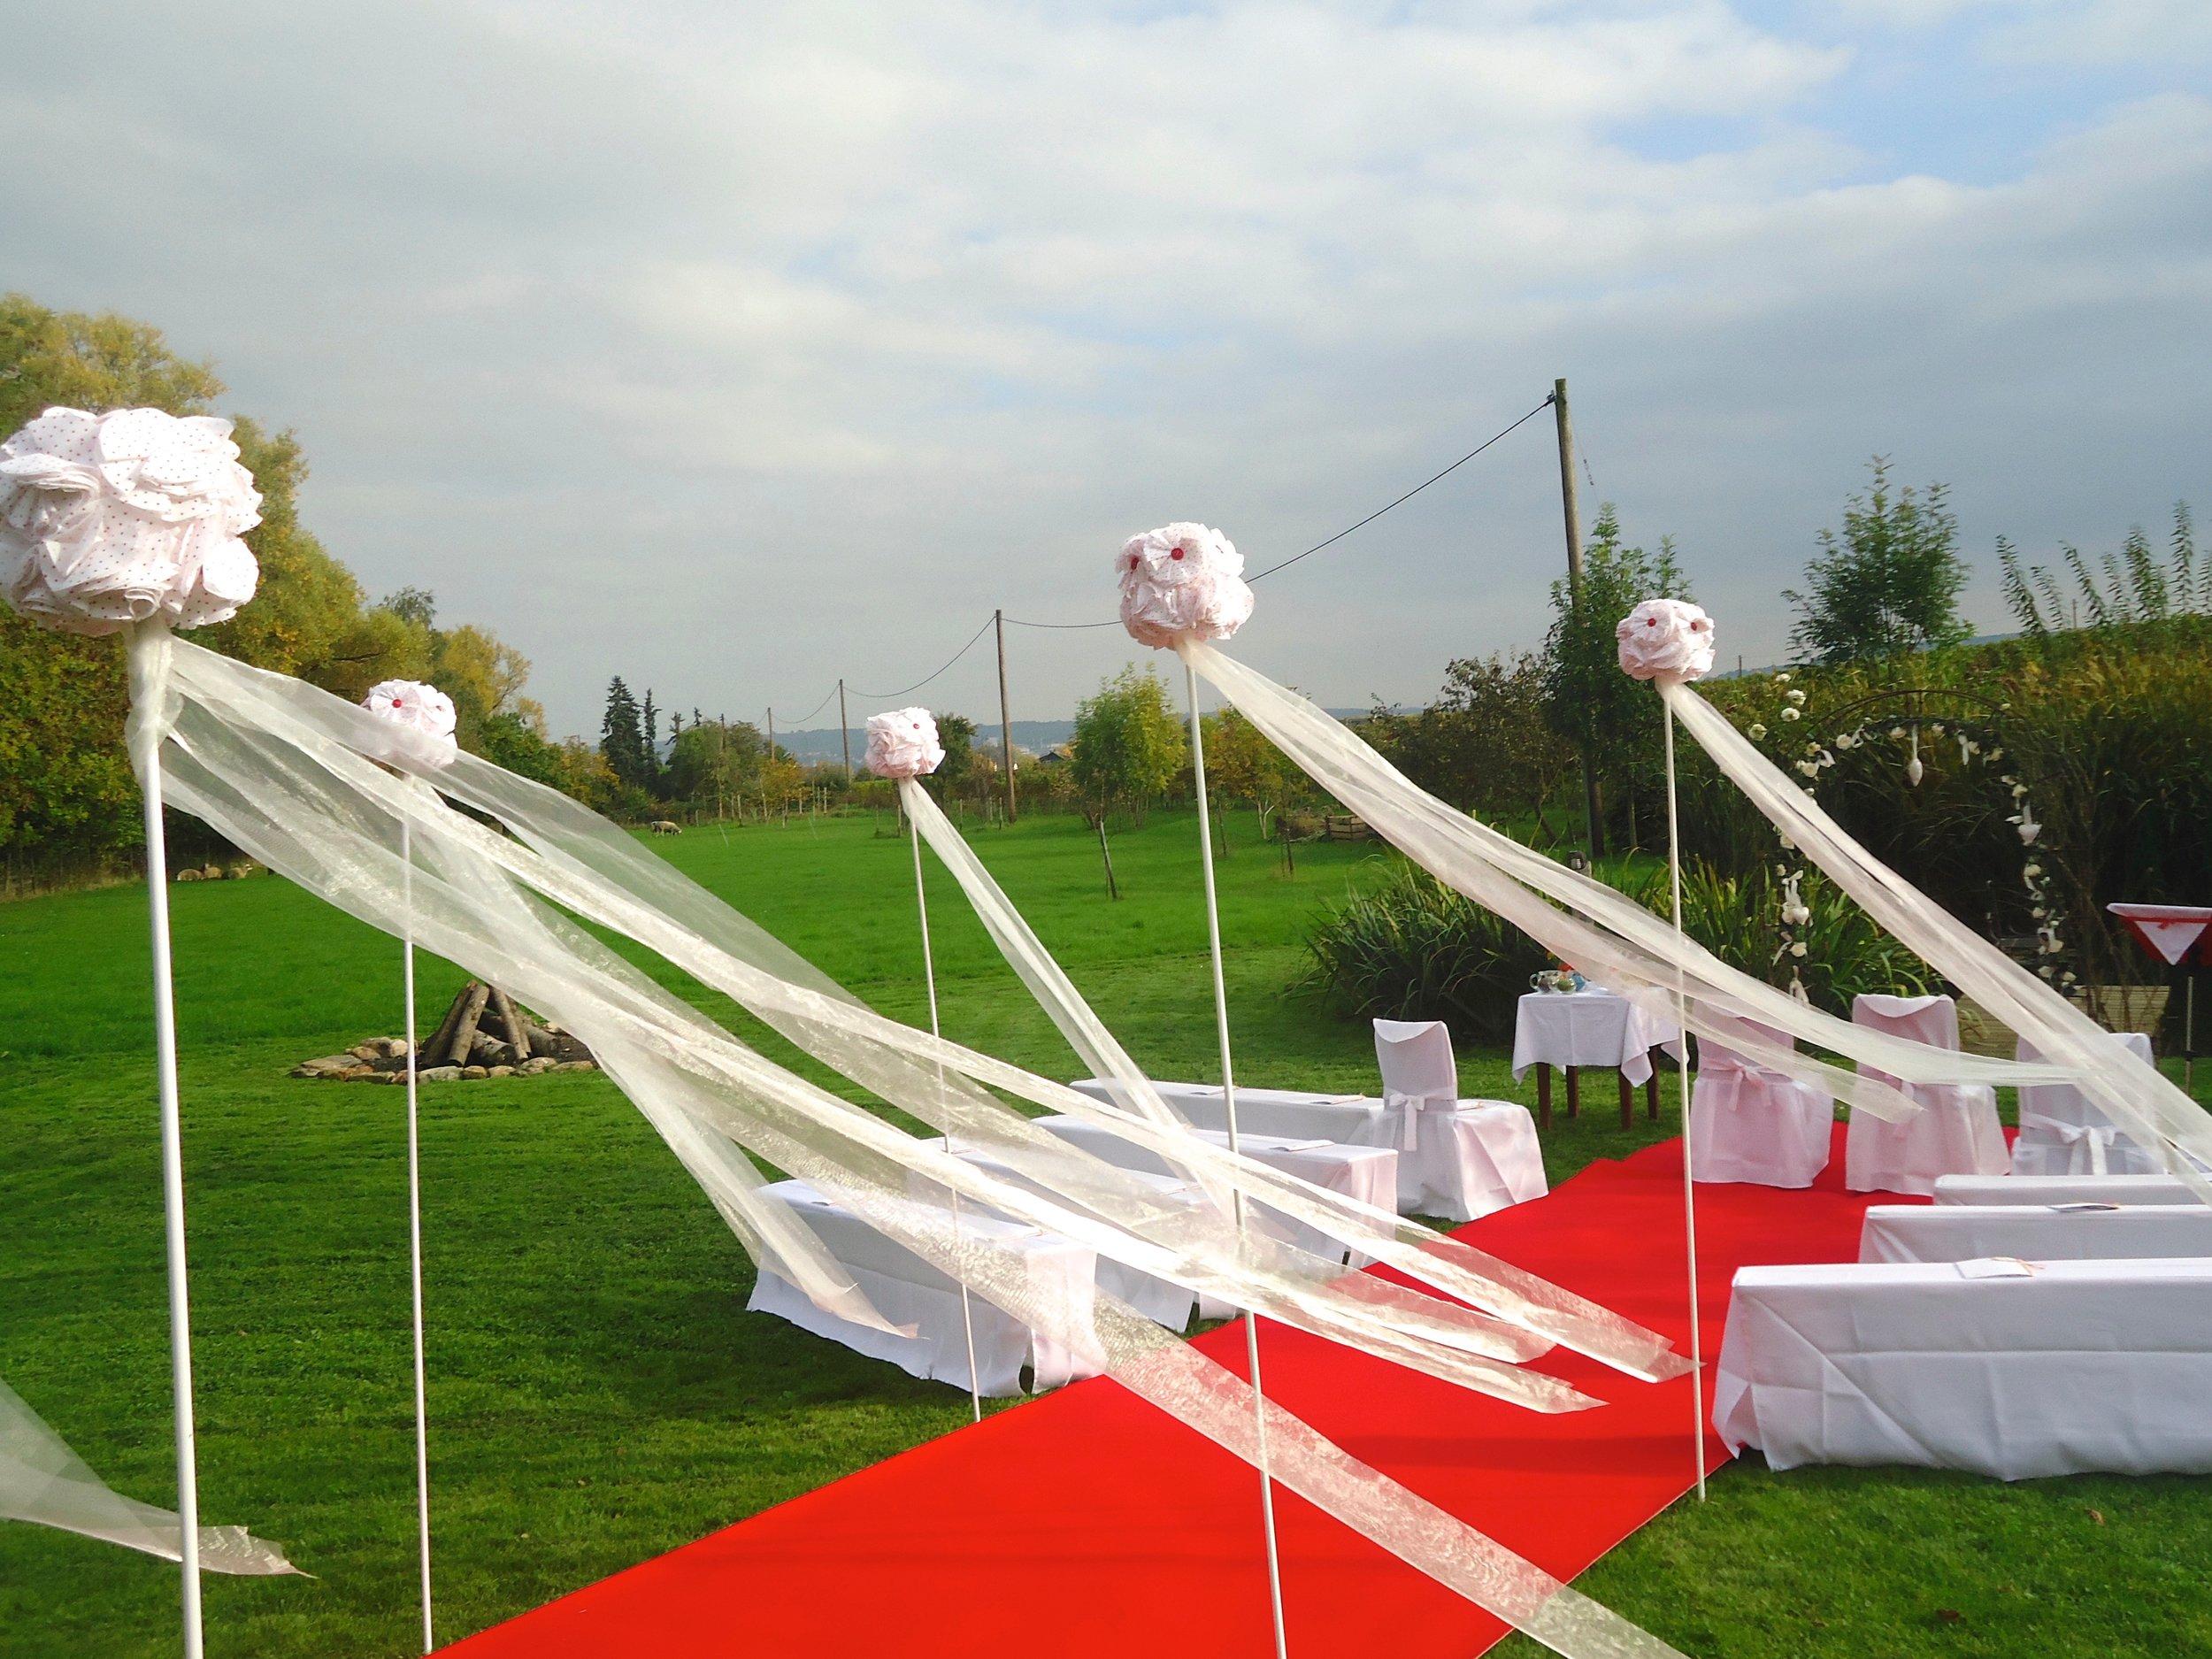 """Der Wind lässt die Bänder tanzen. Gleich kommt das Paar.  Impressionen aus der """"Ankermühle"""" in Oestrich-Winkel, Rheingau."""